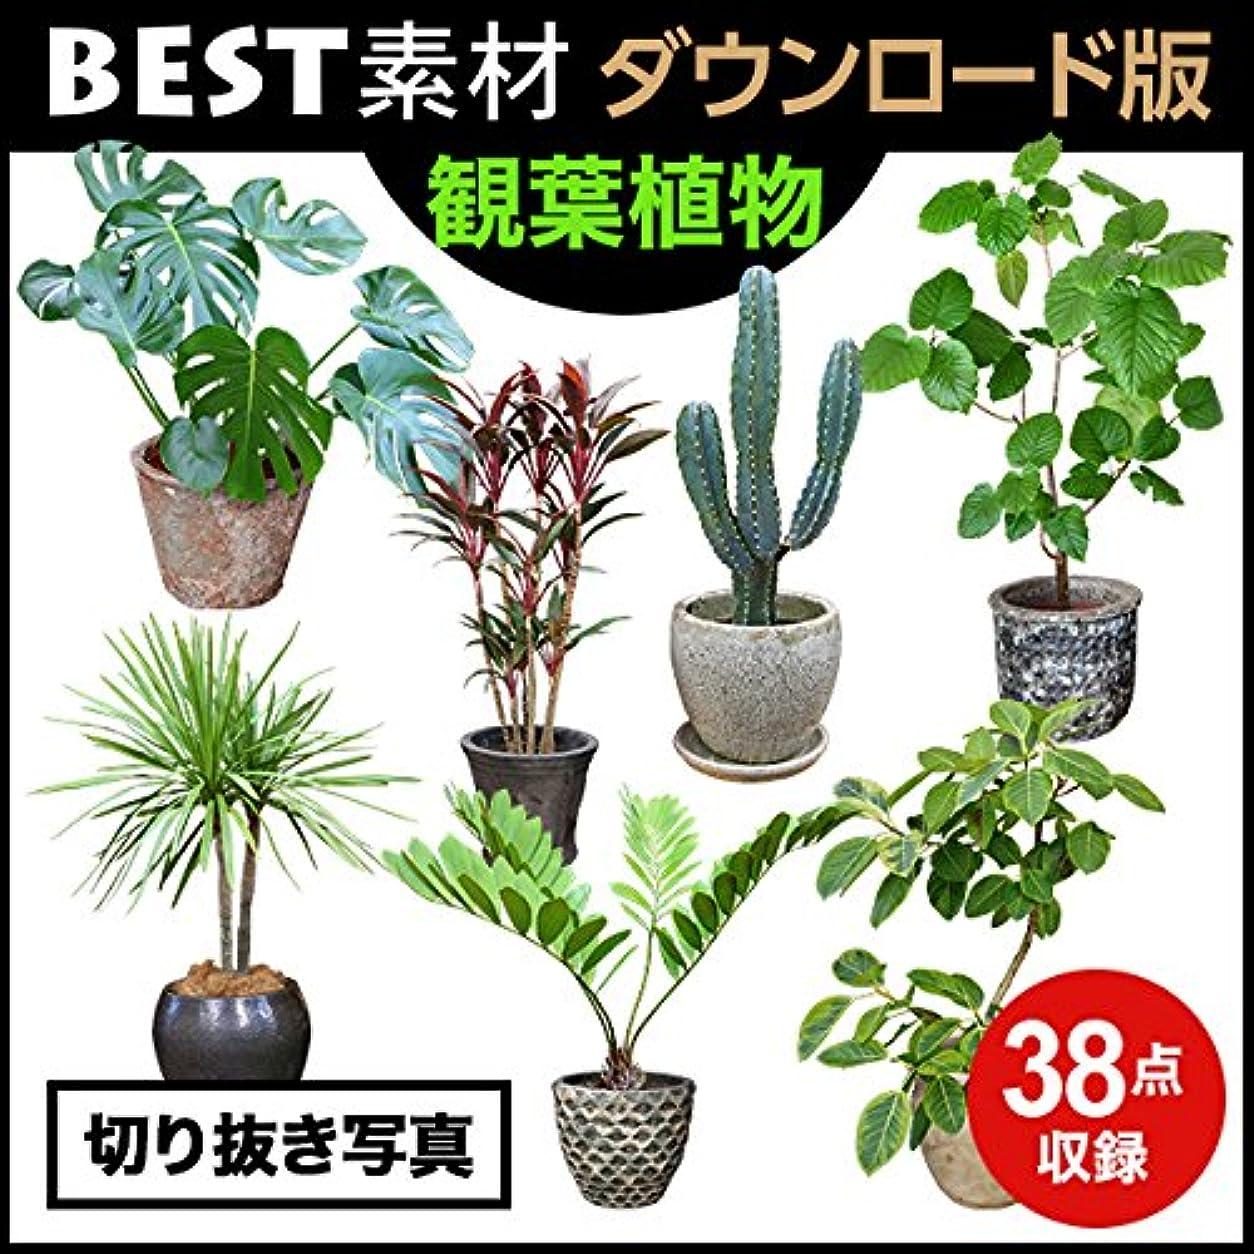 【BEST素材】切り抜き写真_観葉植物|ダウンロード版